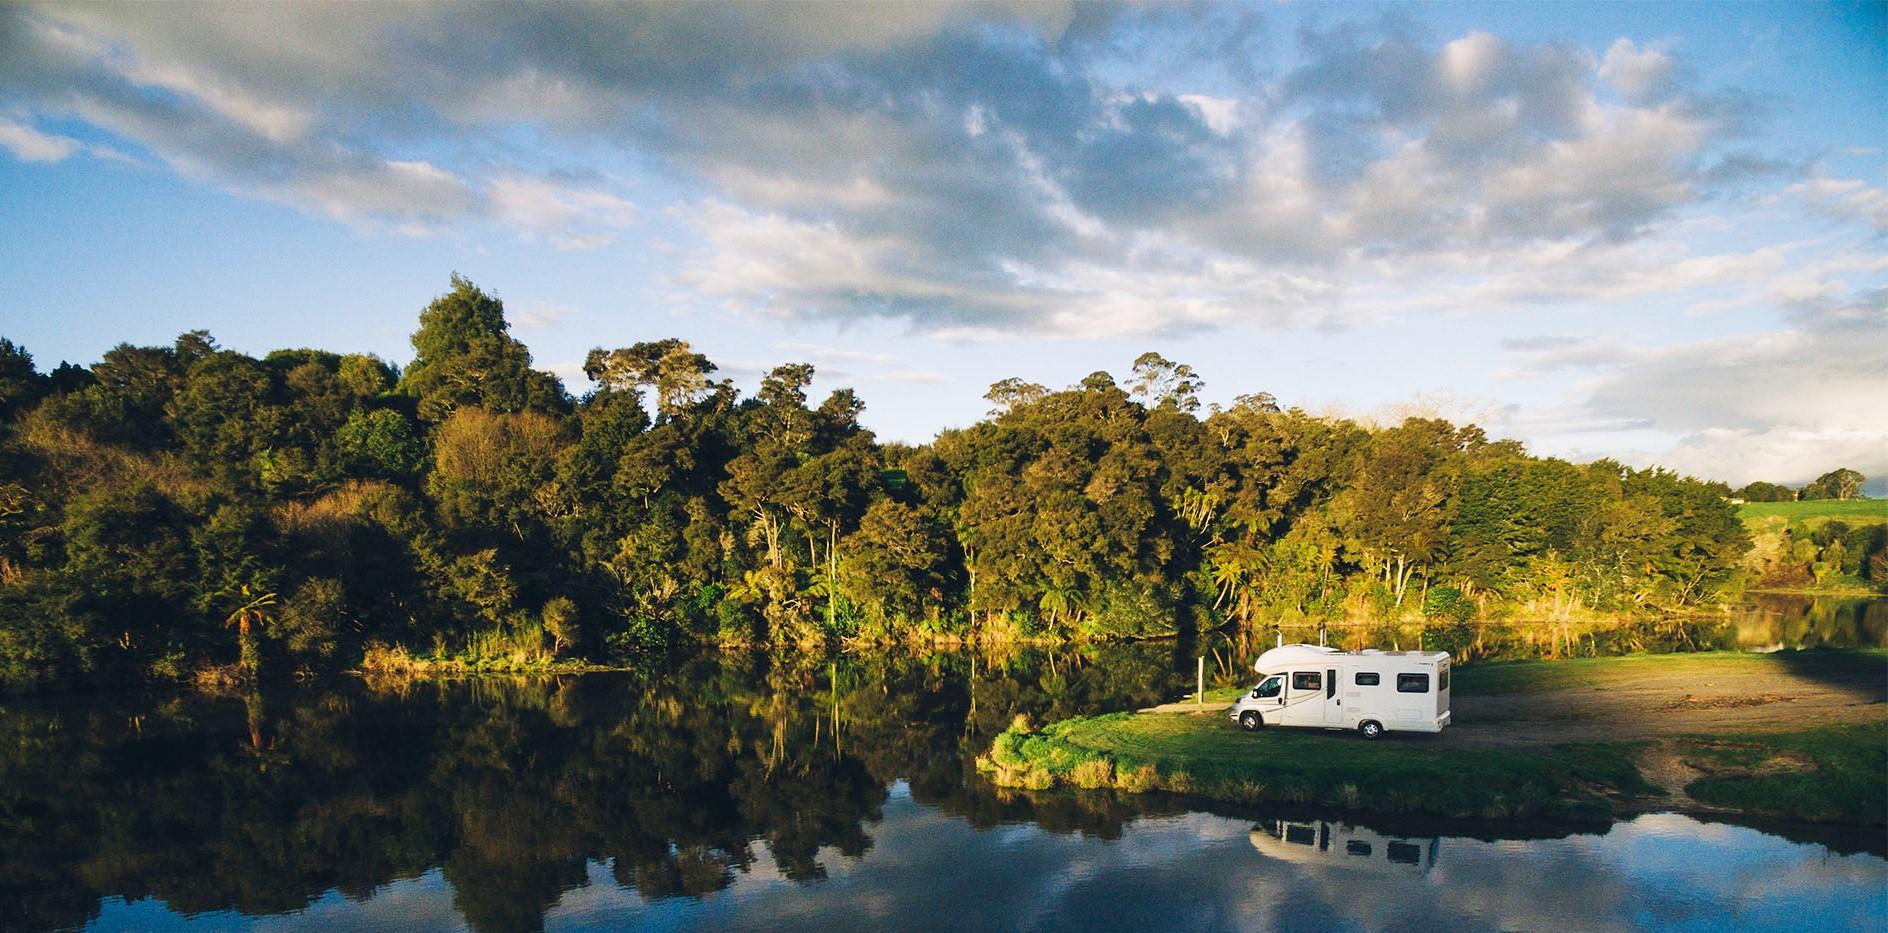 I pannelli solari per camper sono ideali per chi ama viaggiare e vuole autonomia energetica